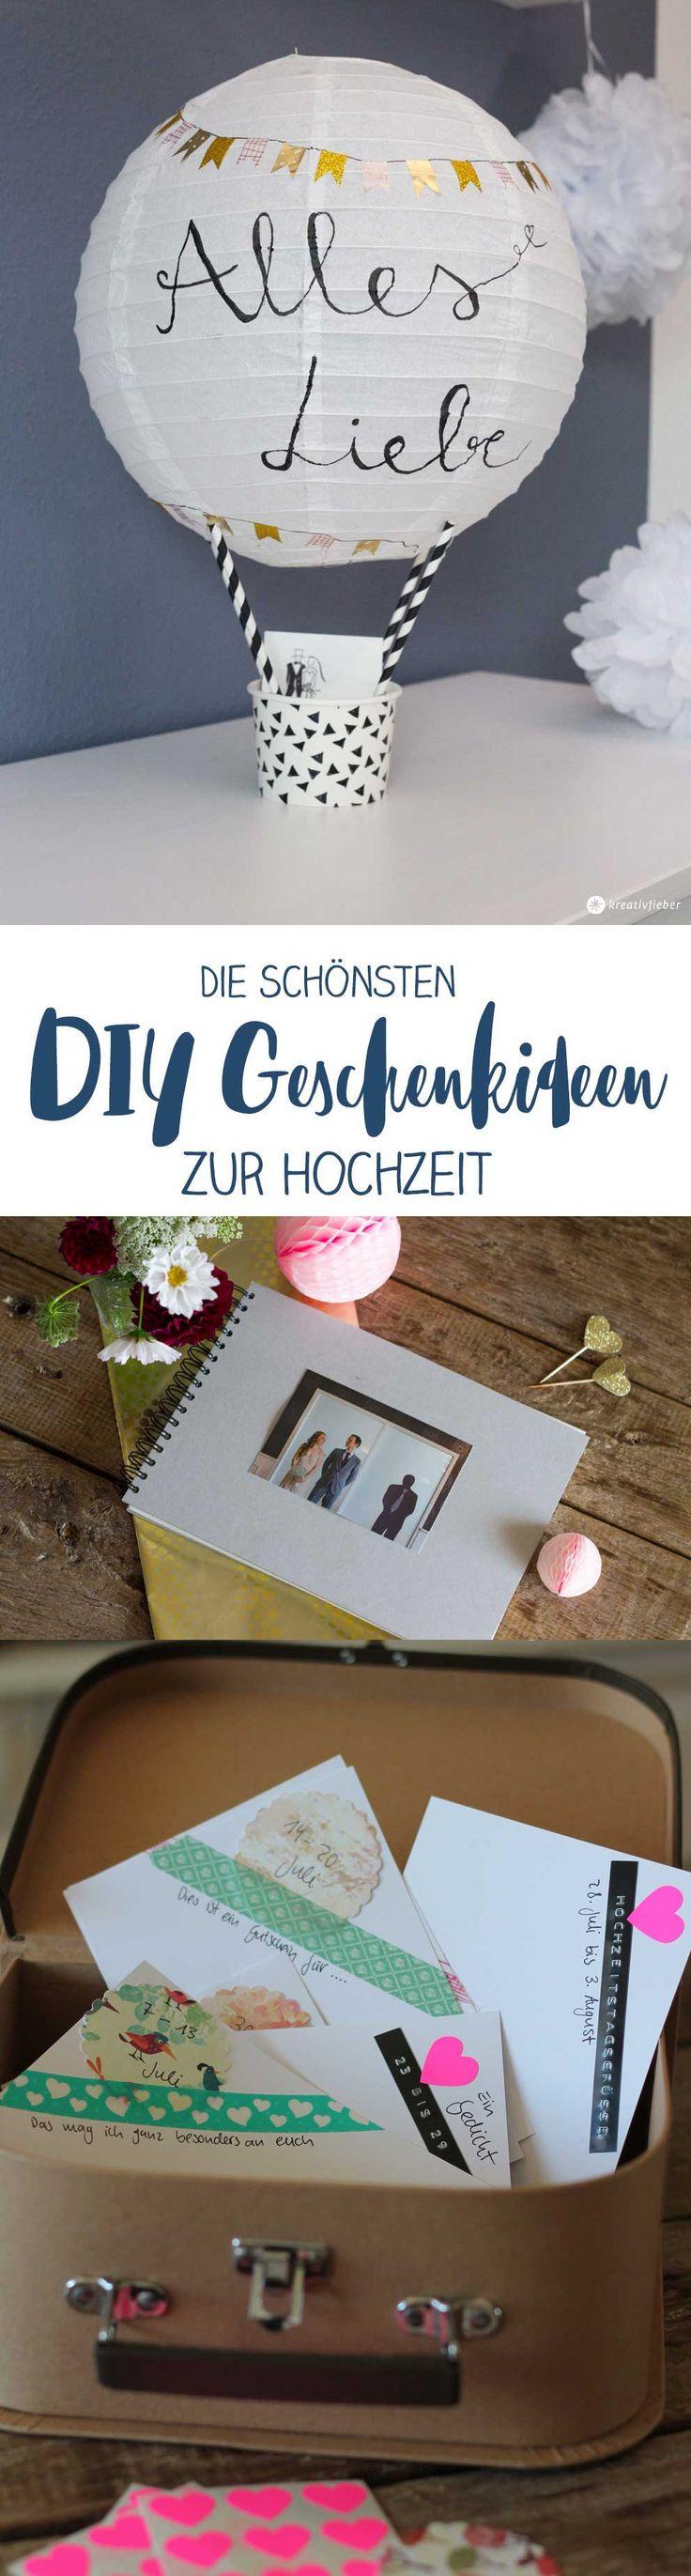 Die schönsten DIY Geschenkideen zur Hochzeit Geldgeschenke und Gästebuch Alternativen diyideen diyhochzeit